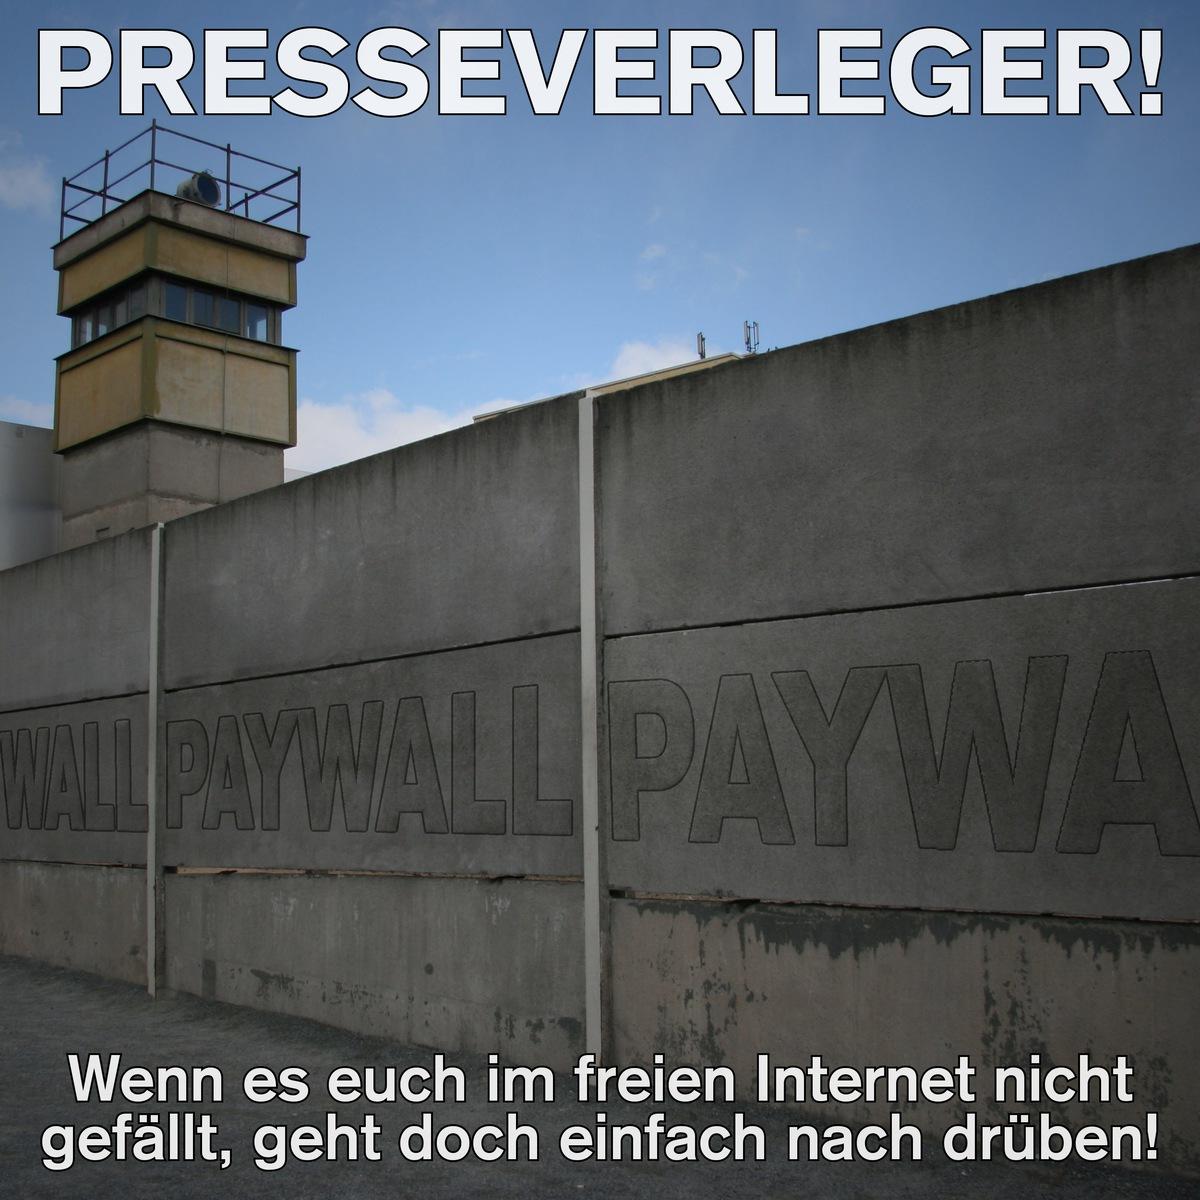 presse und paywall